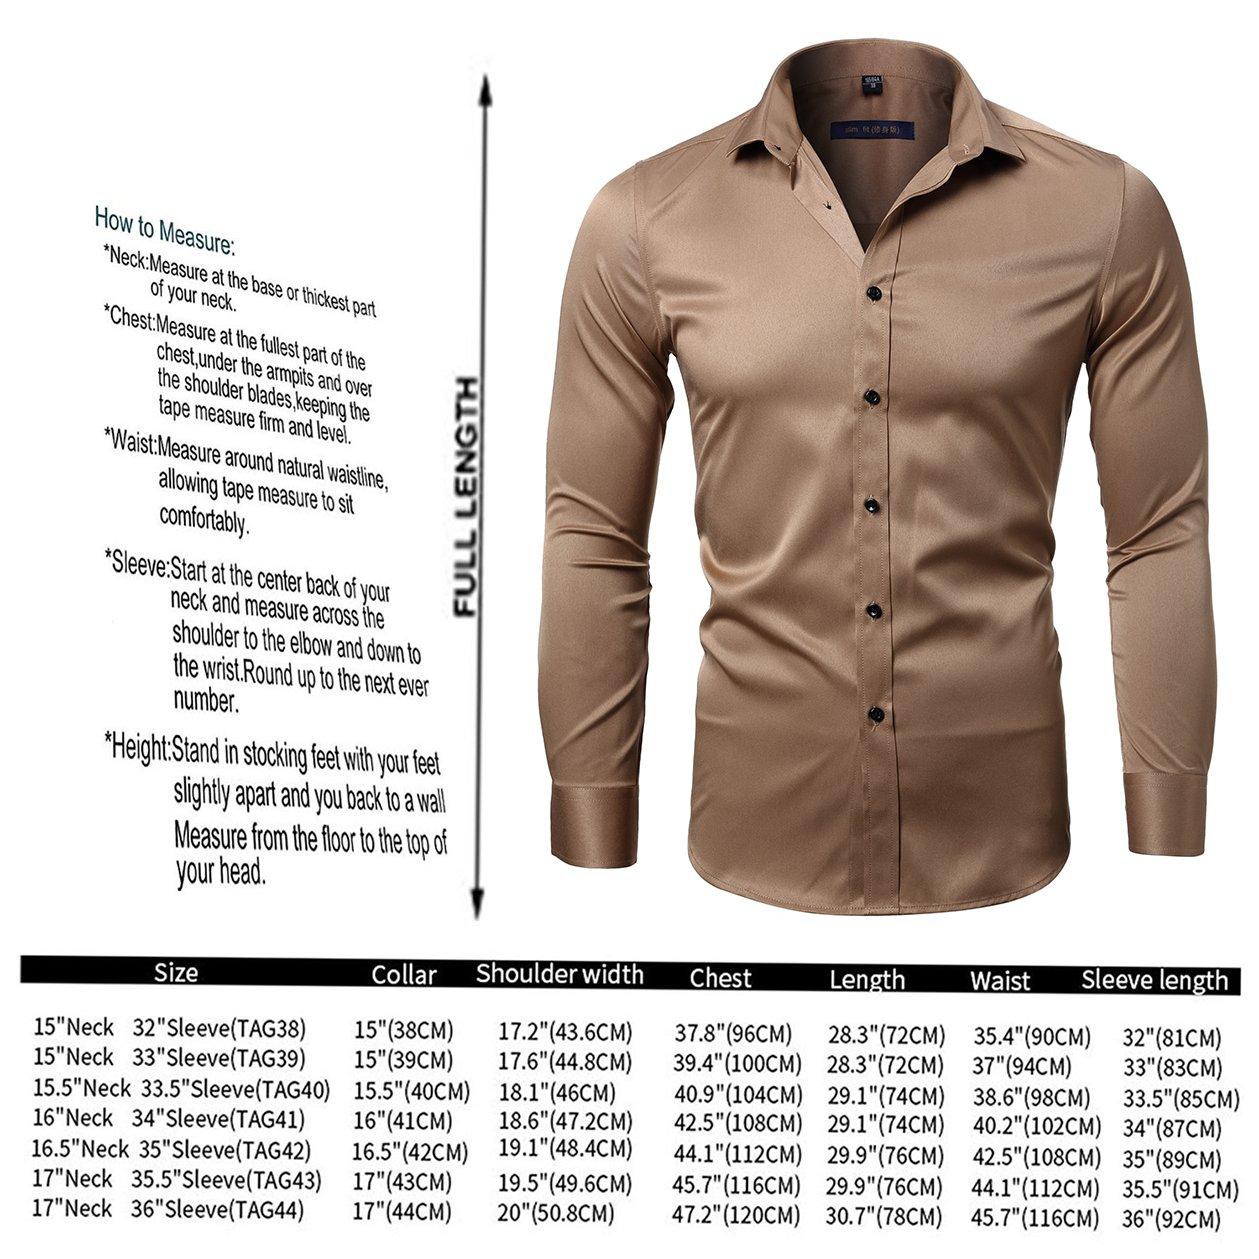 KelaSip Camicia da Uomo a Maniche Lunghe,Camicia Classica in Fibra di Bamb/ù,Camicia Business da Uomo Slim Fit,Camicia Casual